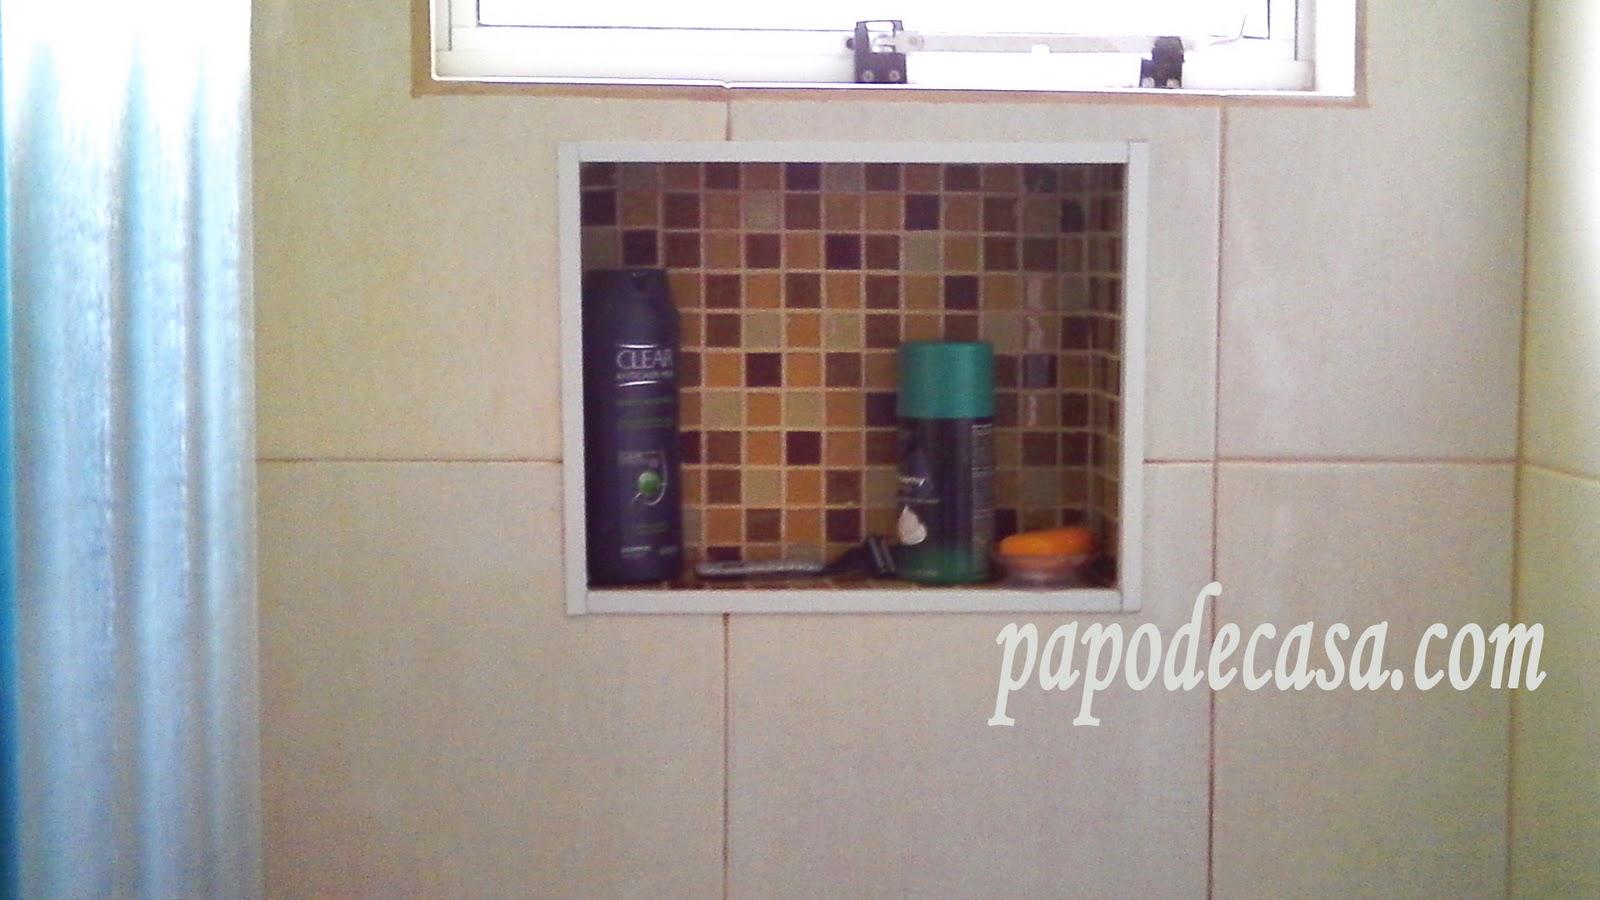 Nichos de pastilha no banheiro Decorações e Artes #396C92 1600x900 Banheiro Com Nicho Na Parede